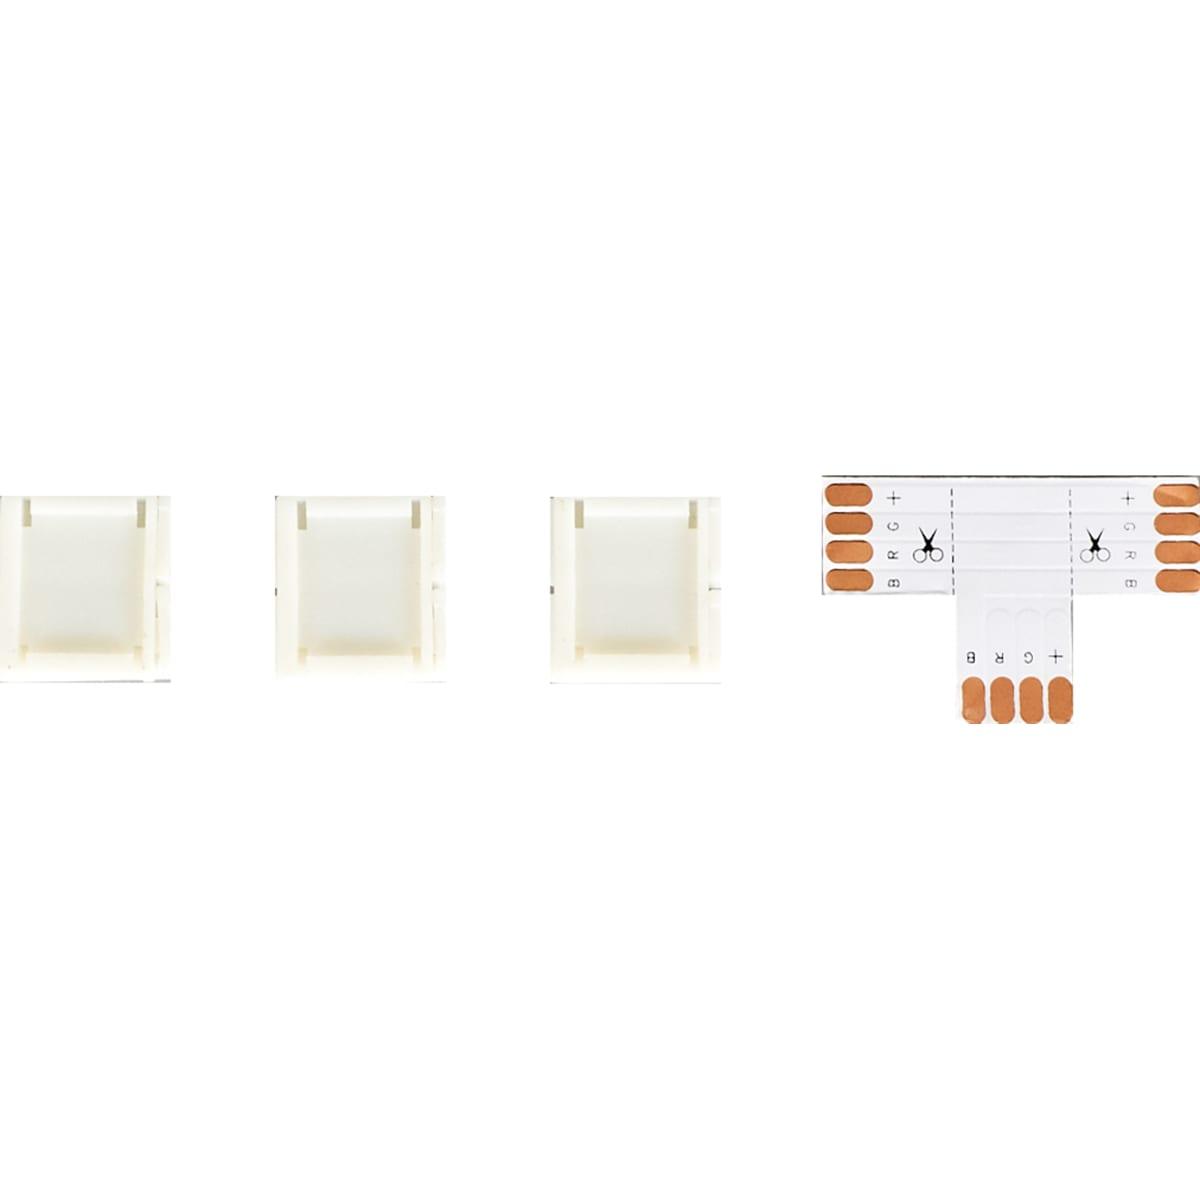 Коннекторы для одноцветной светодиодной ленты 5050 12 В 10 мм IP20 IP23 Т-образный 3 клипсы, контакты по центру